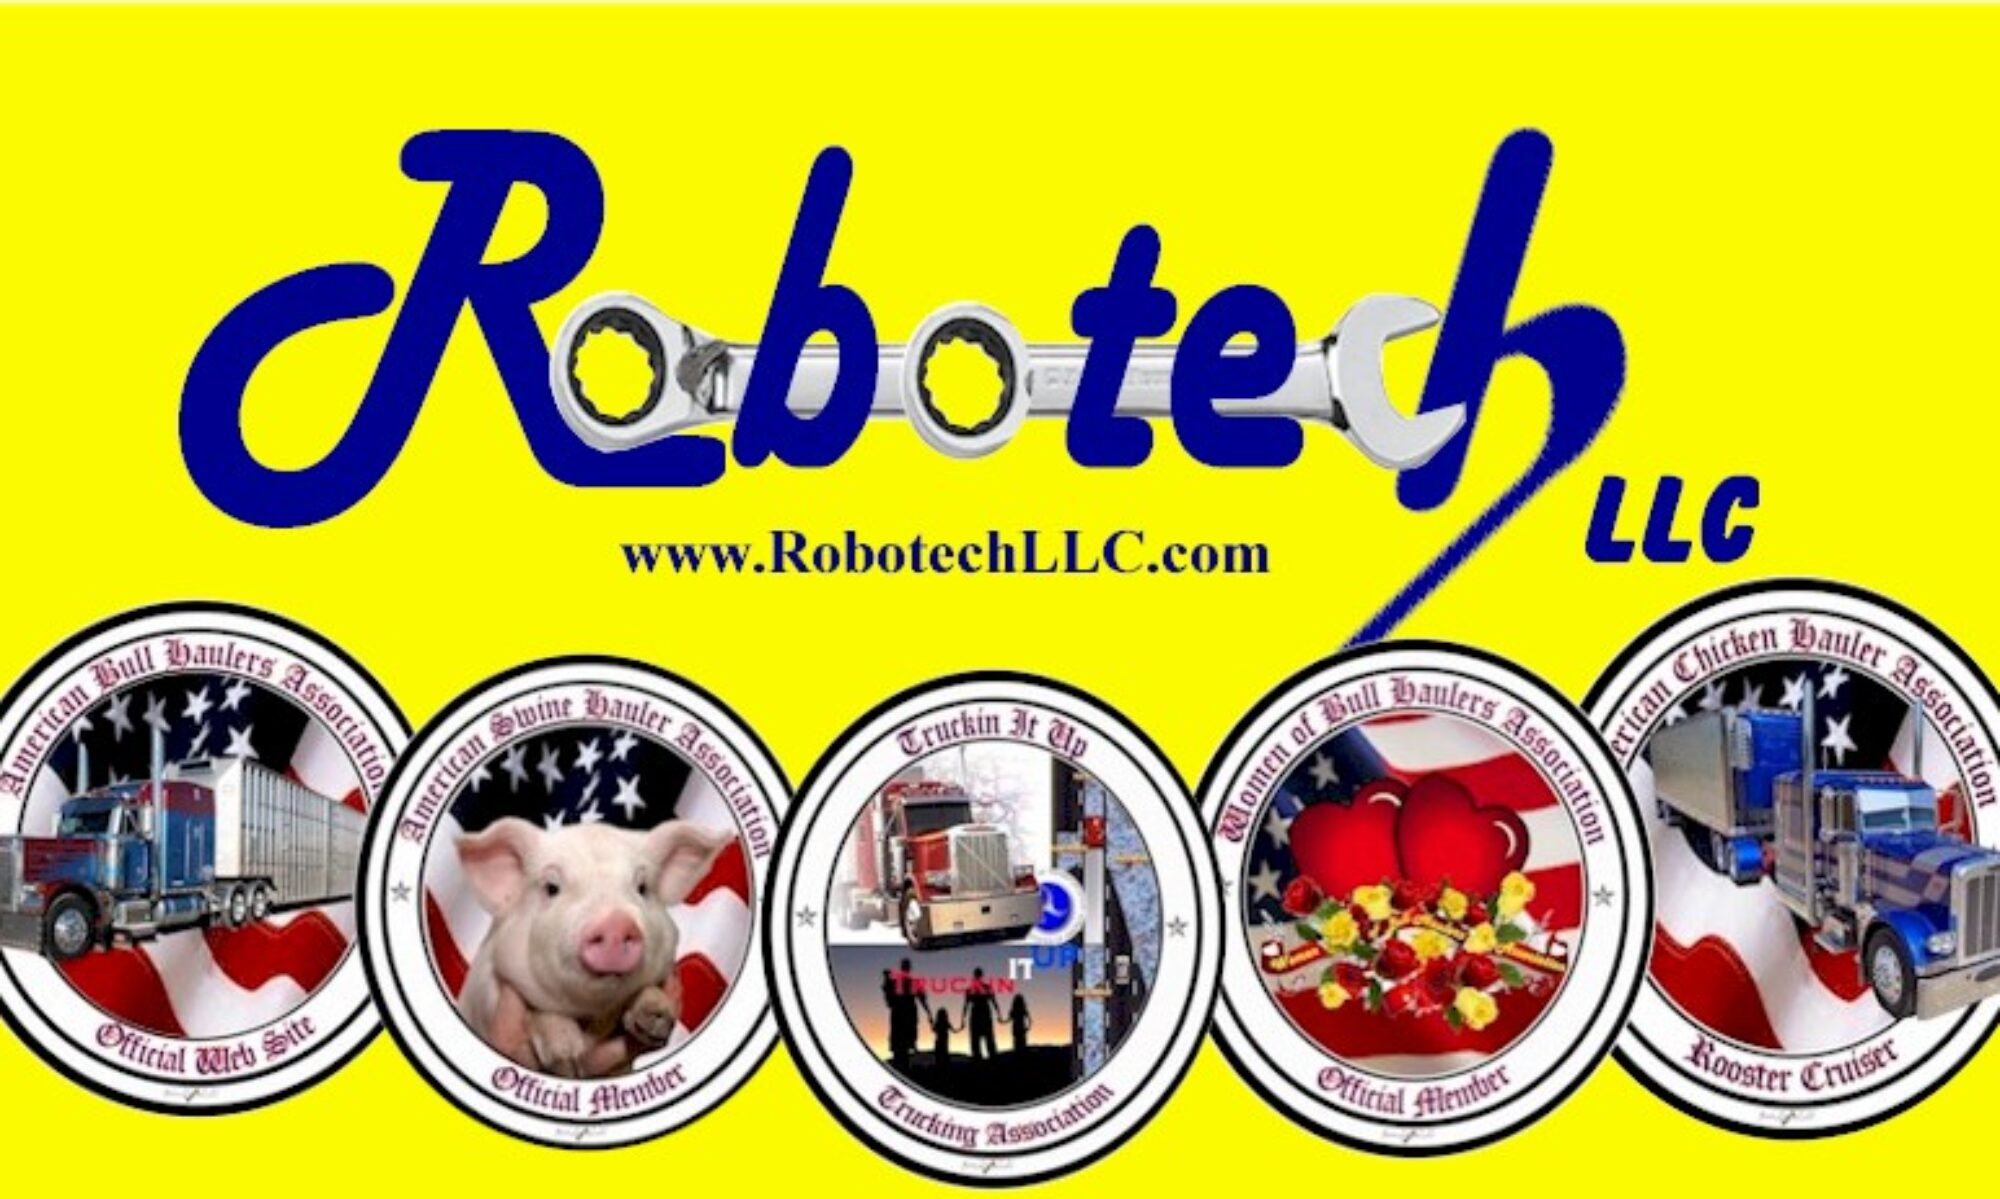 RoboTech LLC